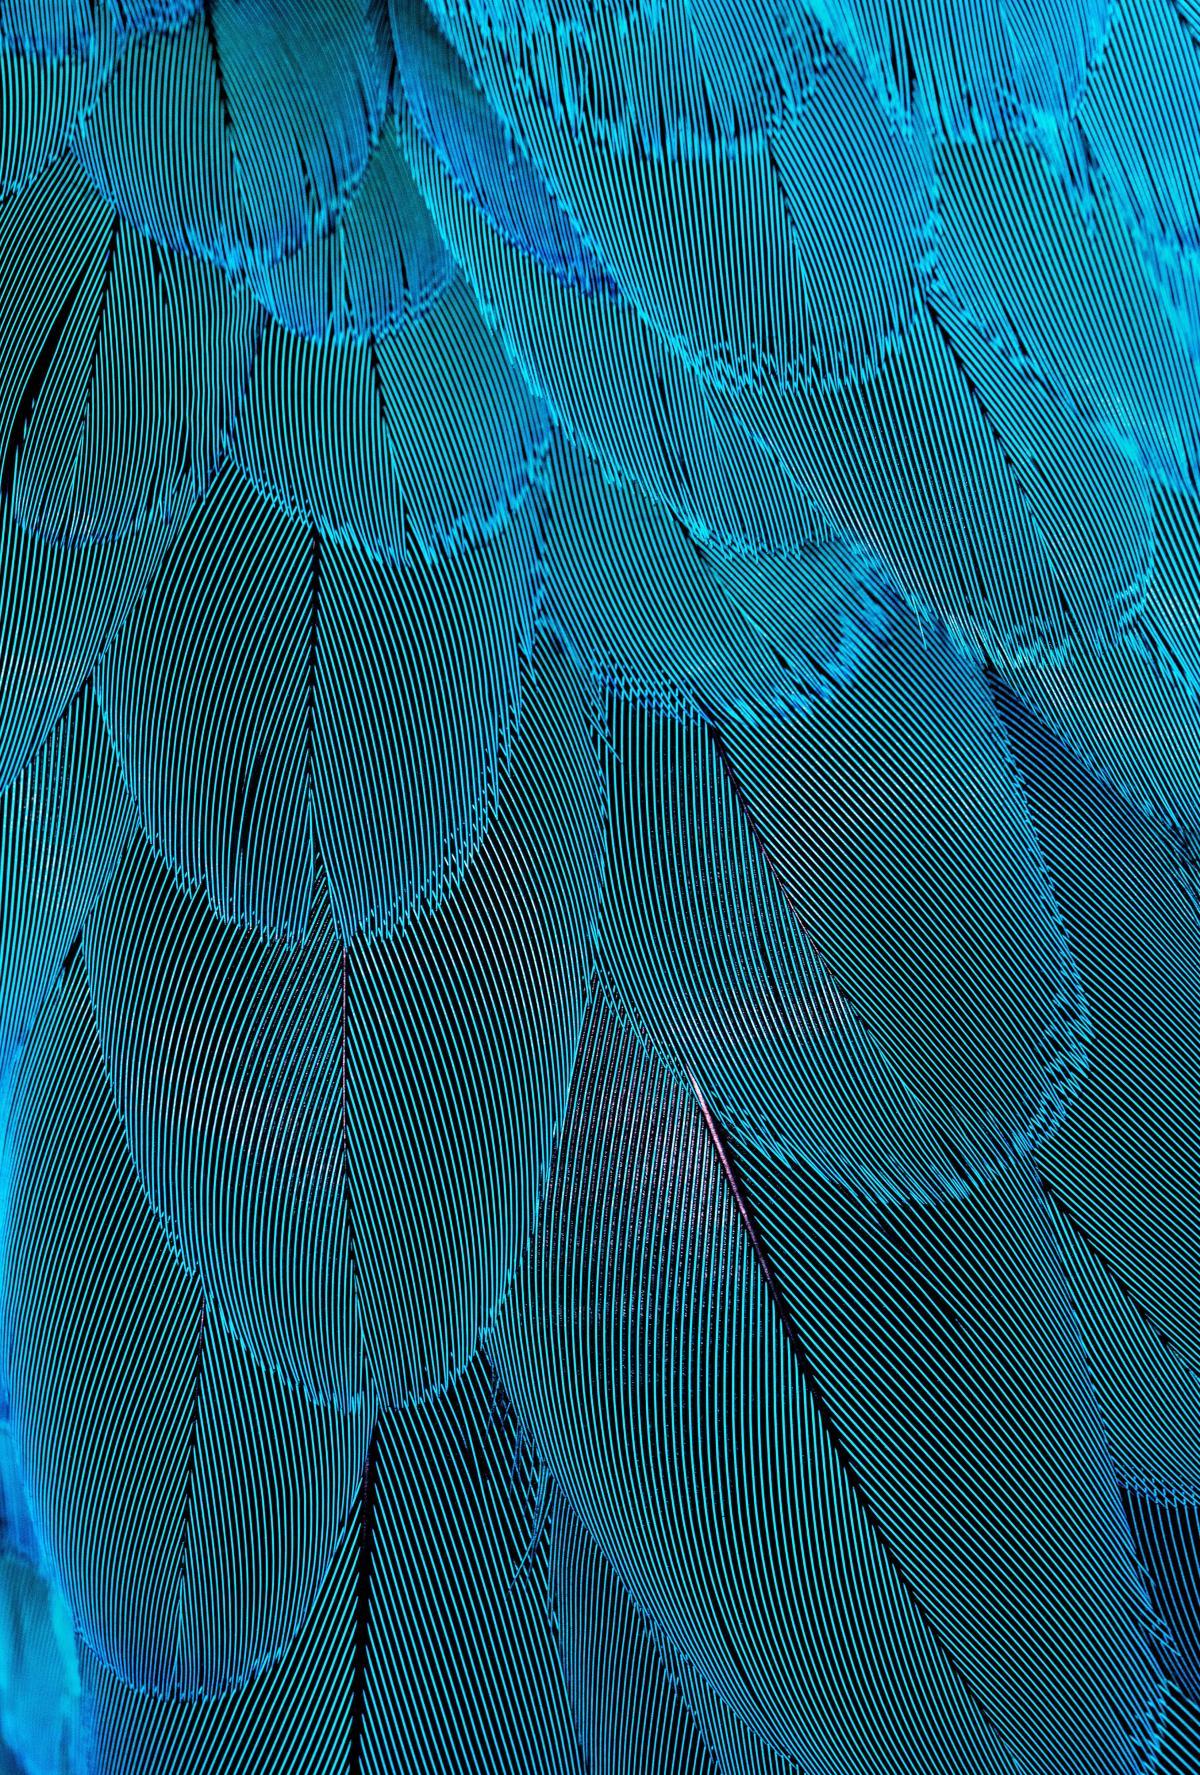 Spider web Web Cobweb